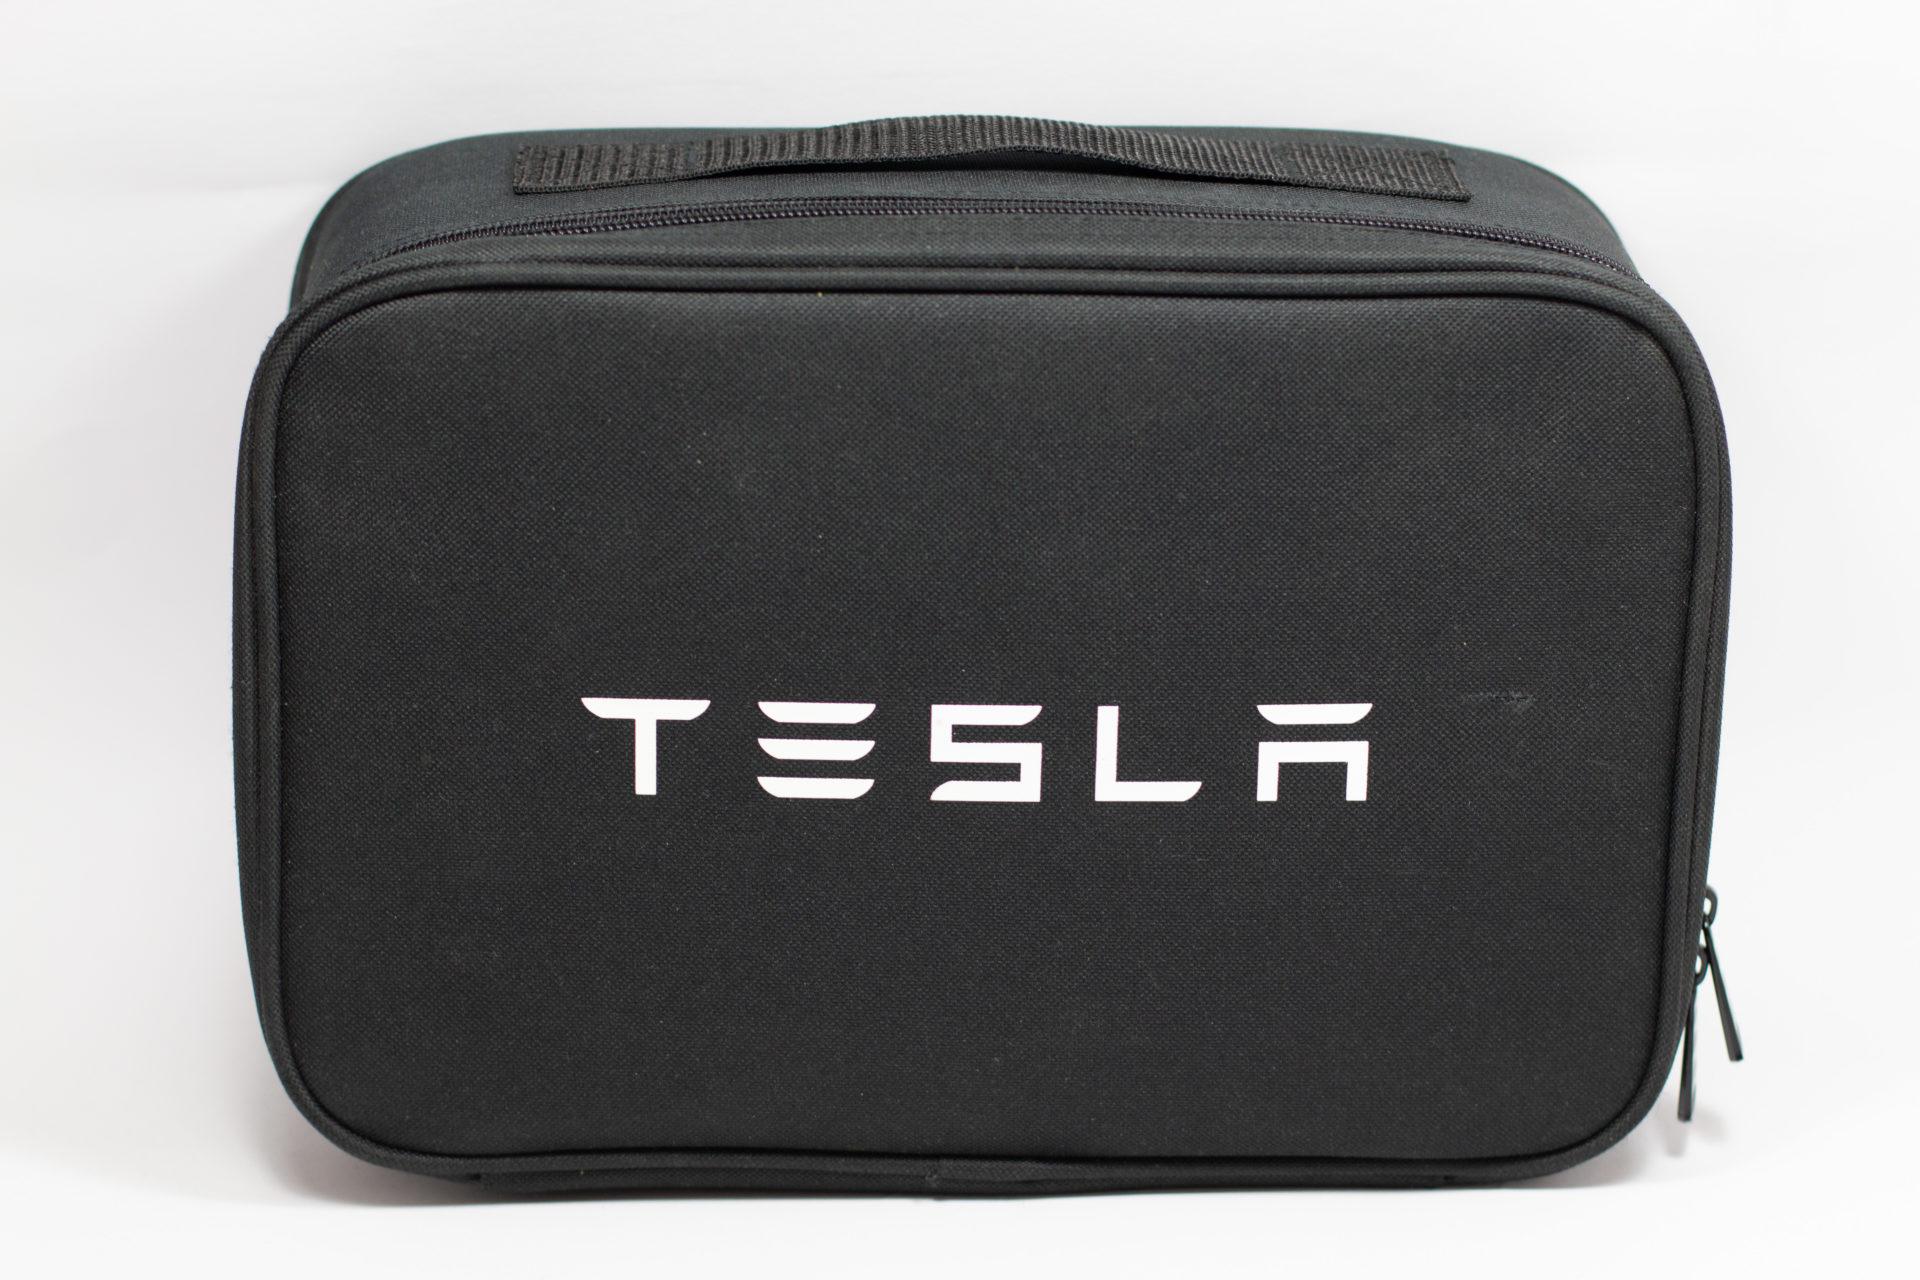 Anhängerkupplung Tesla Model X AHK Zubehör Aufbewahrungstasche Transporttasche Greenspeed Aachen kaufen